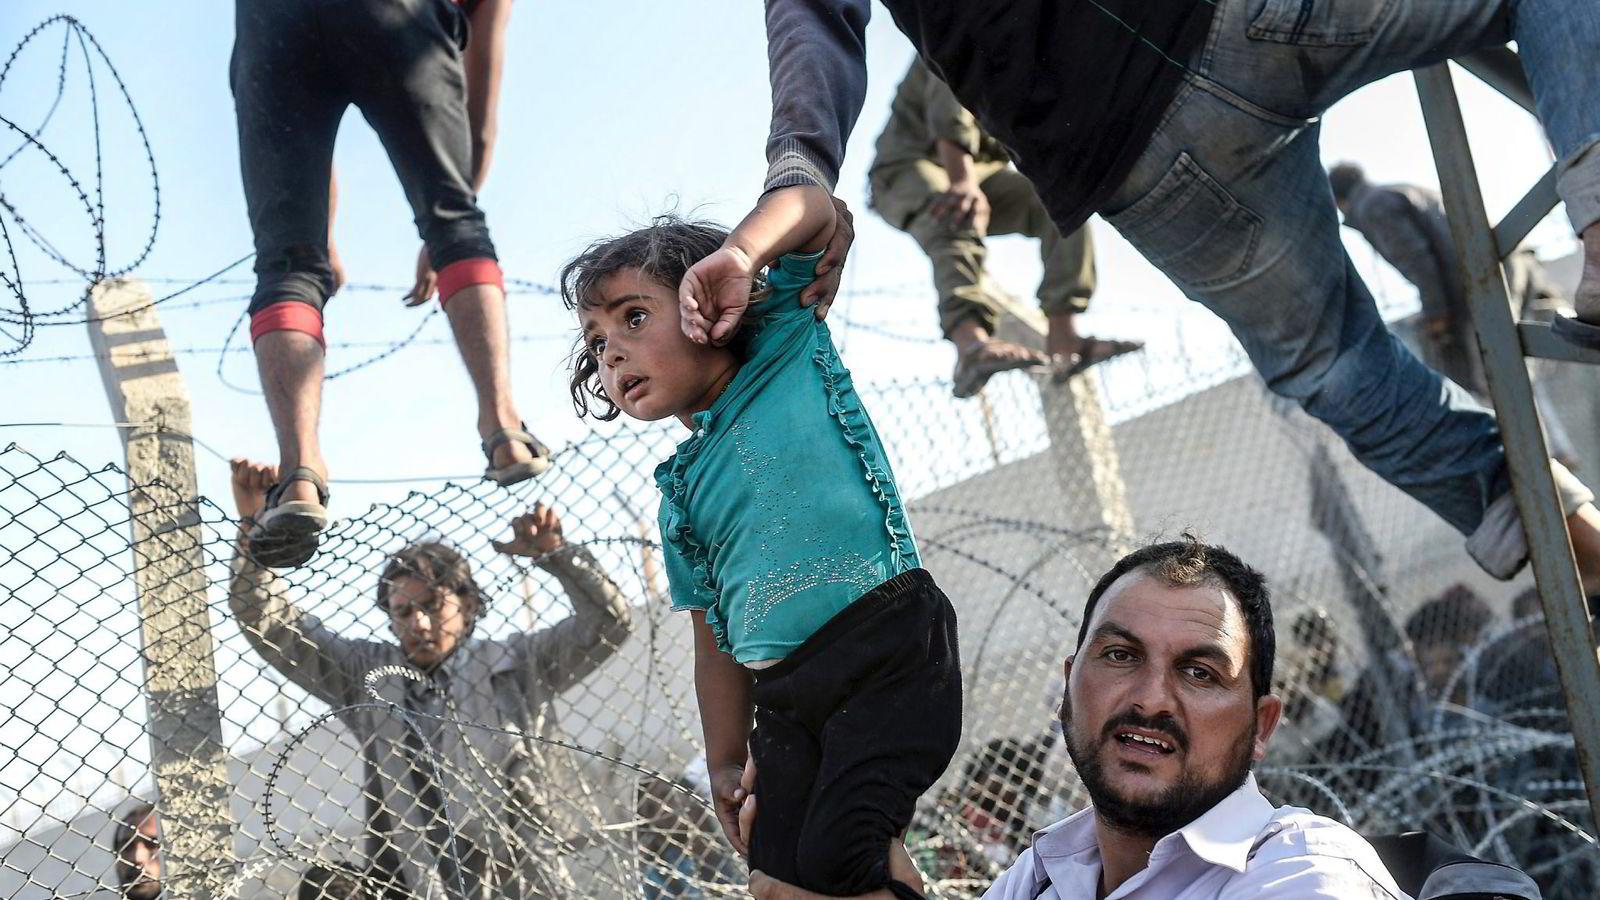 Migrasjonskrisen har satt Schengen og EU-samarbeidet på prøve denne høsten, skriver NUPI-direktør Ulf Sverdrup. Her fra den tyrkiske grenseovergangen ved Akcakala i Sanliurfa-provinsen. Foto: Bulent Kilic, AFP/NTB Scanpix